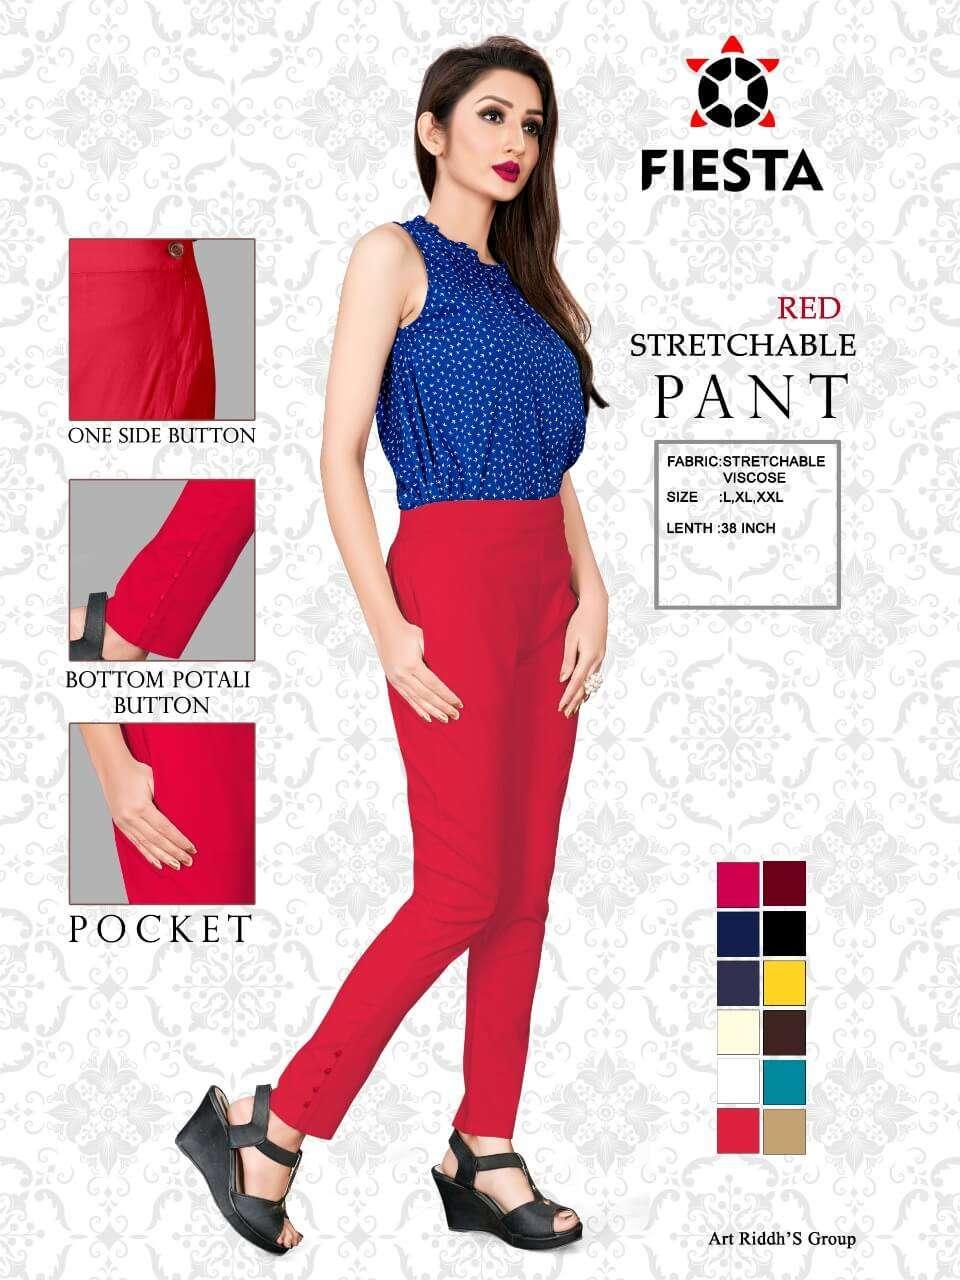 Fiesta Pant vol 1